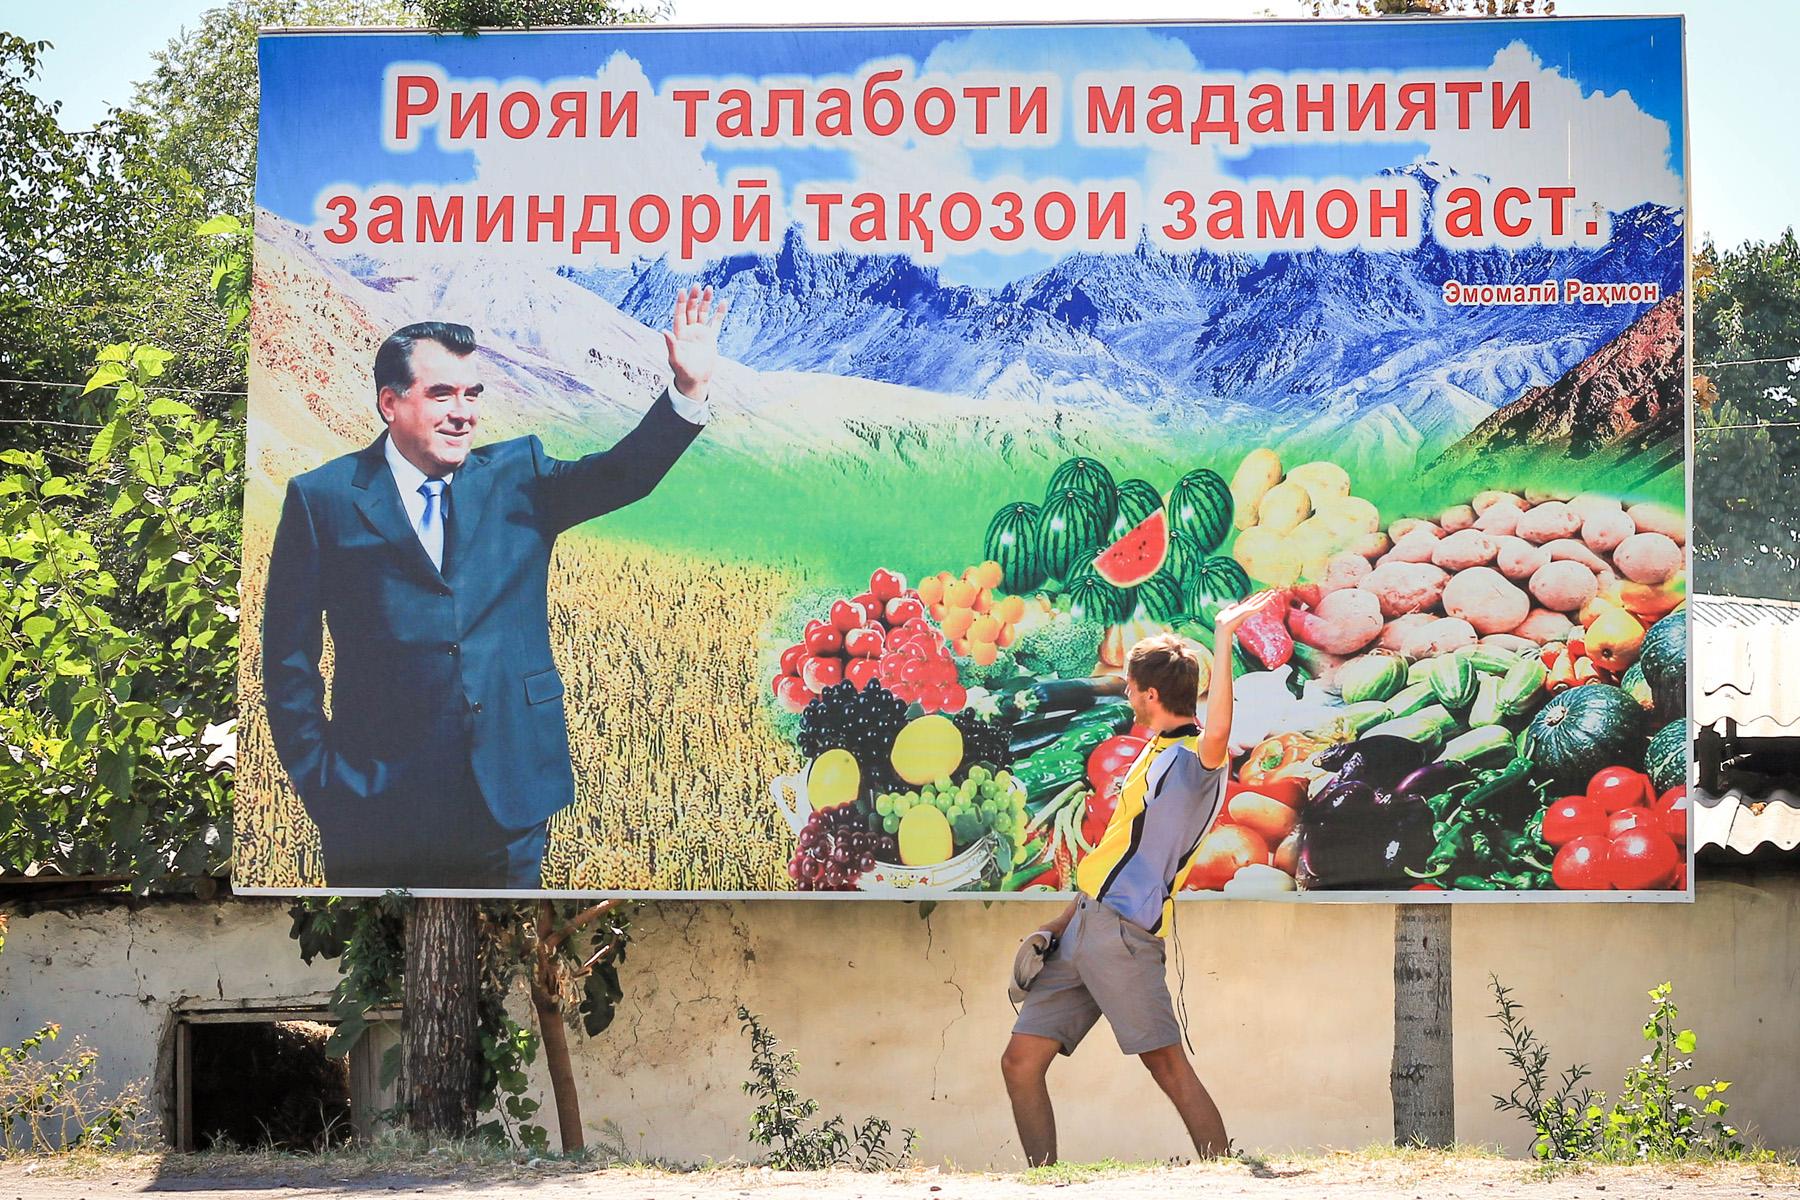 Na koniec jeszcze jedno zdjęcie zszanownym Prezydentem Emomali Rahmonem